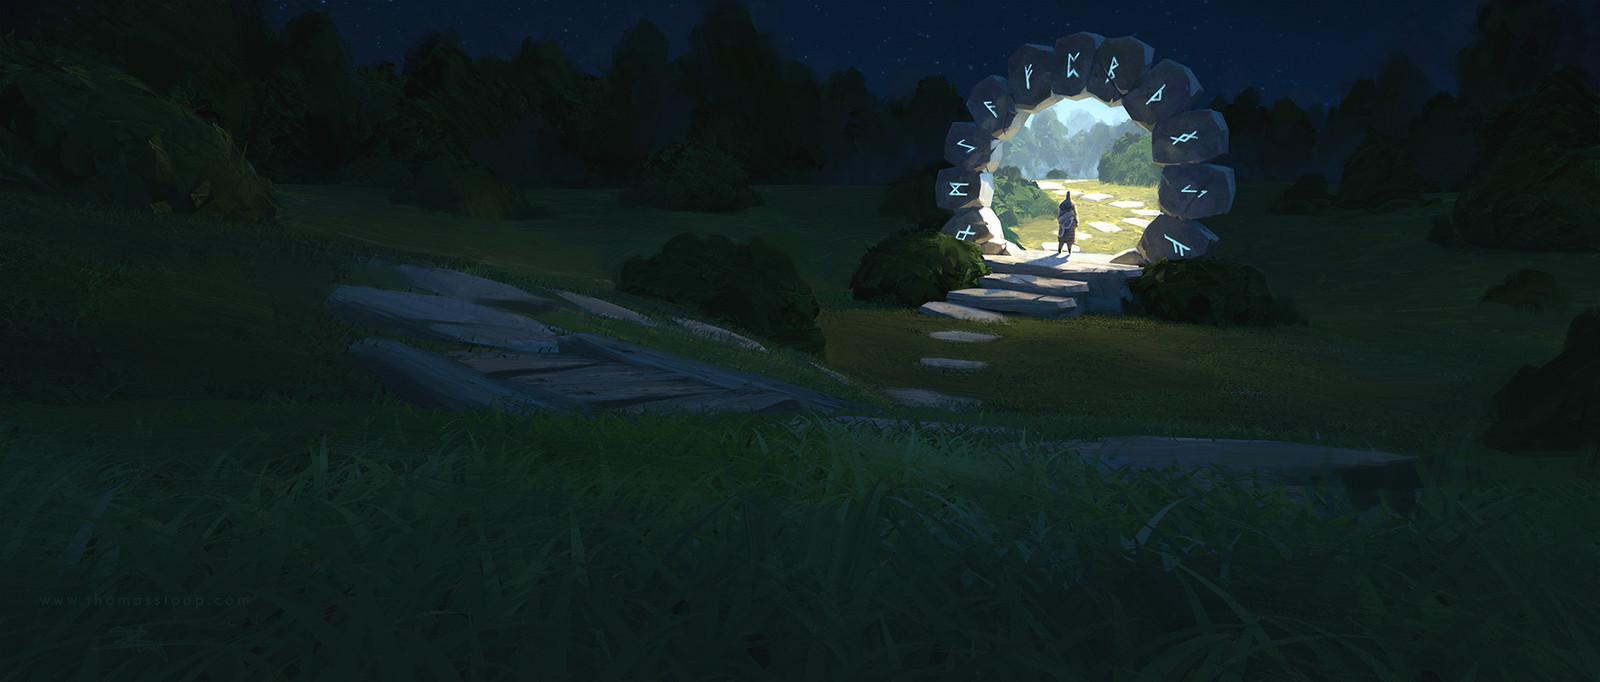 Fantasy Magic Portal Art